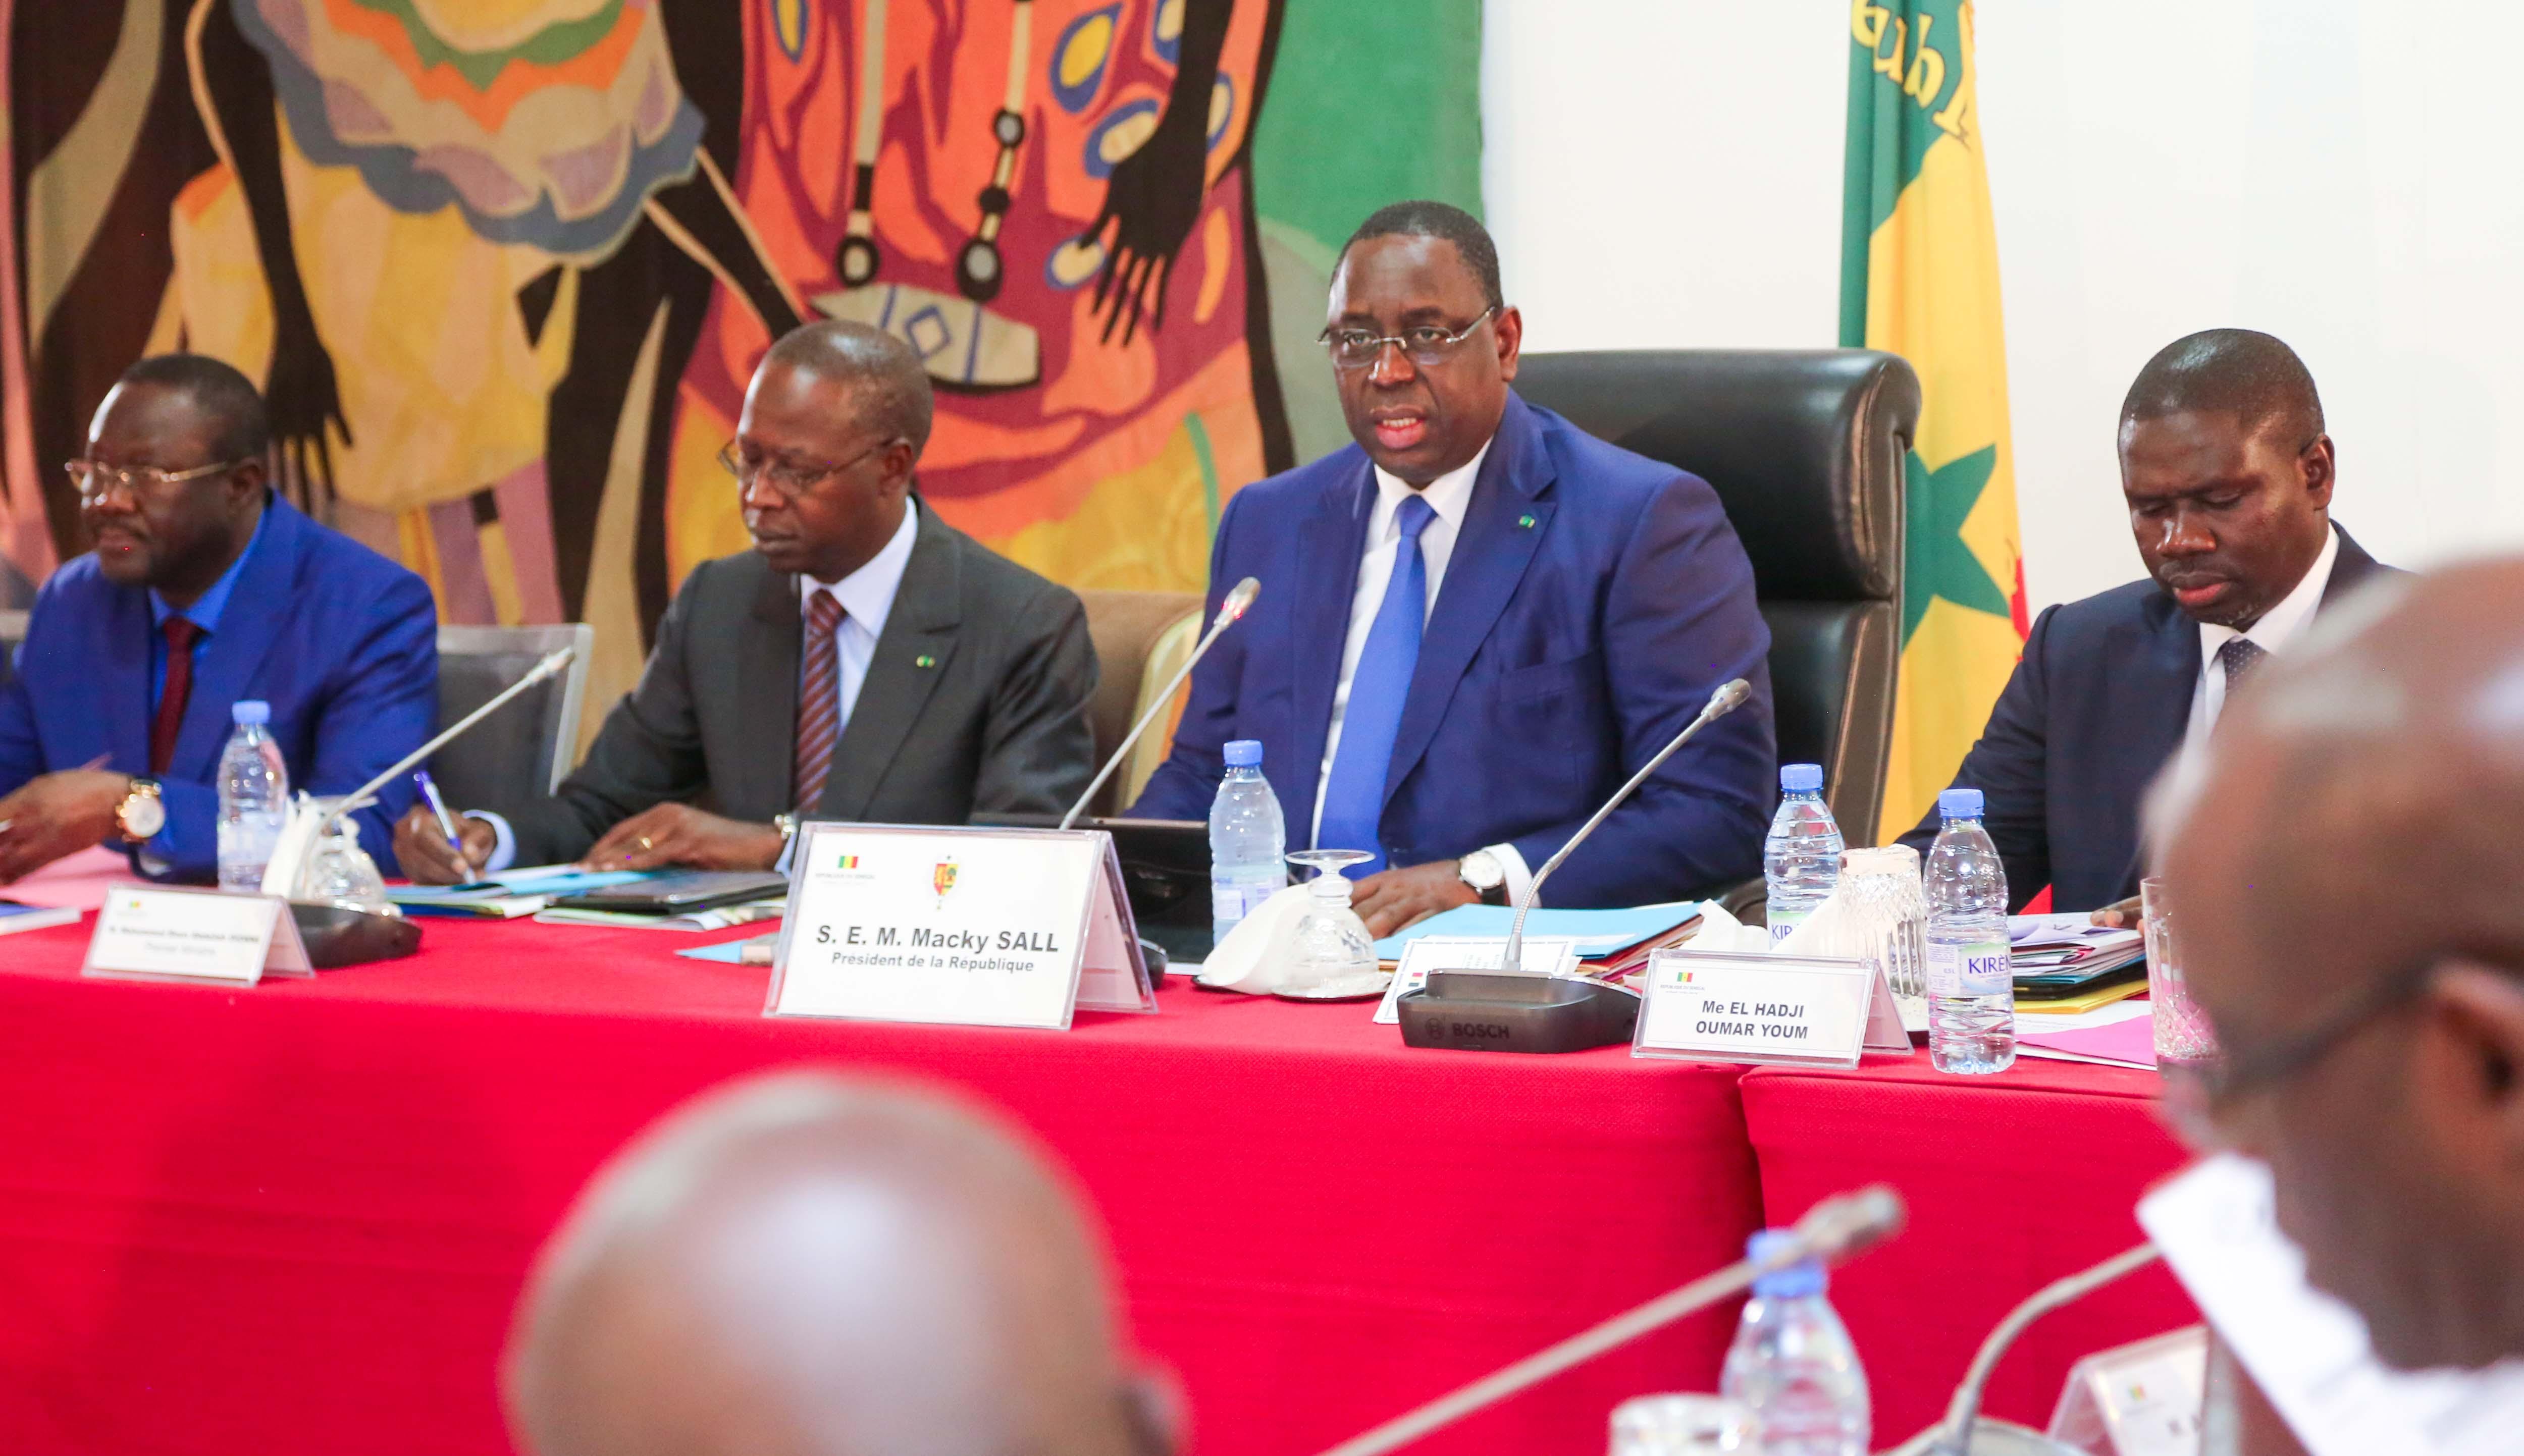 Le Président Macky SALL a réuni le Conseil des Ministres, mercredi 23 novembre 2016 à 10 heures, au Palais de la République.